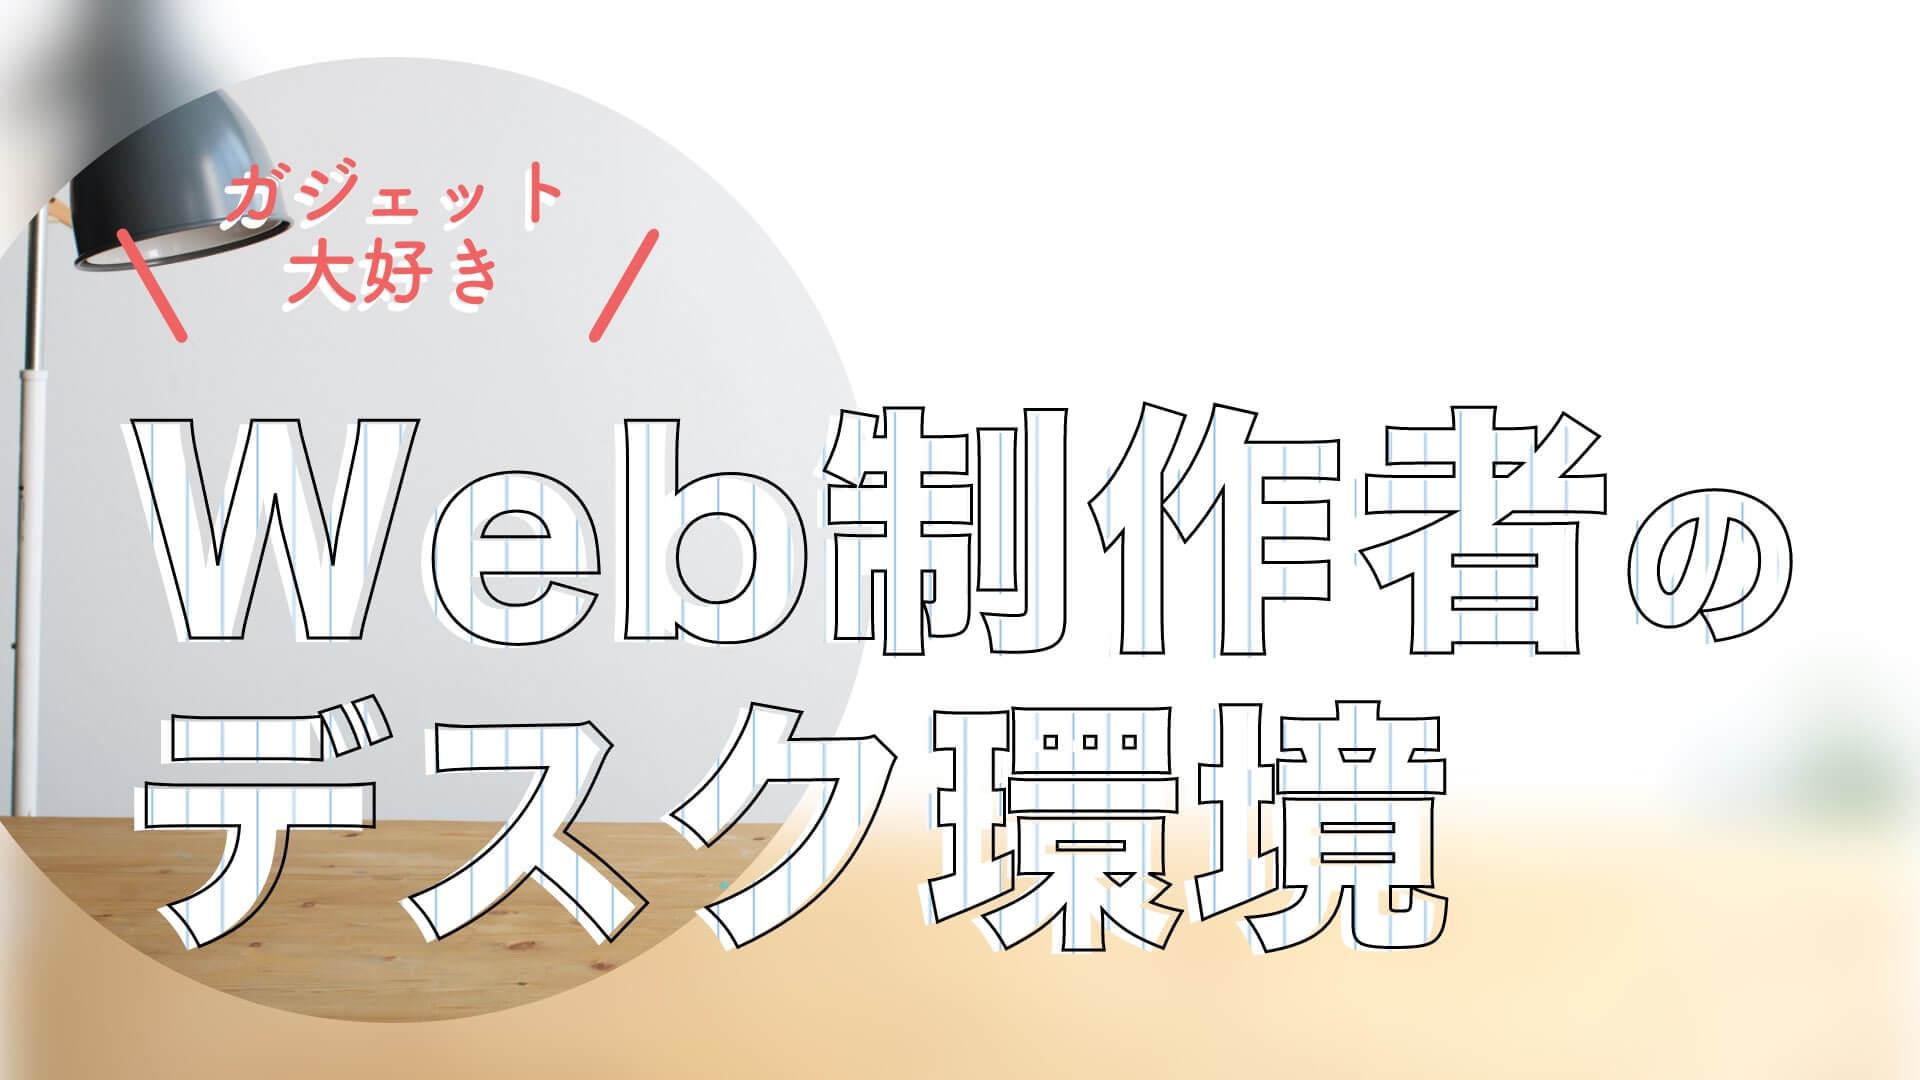 【 NOT4H】web制作者のデスク環境 2020年ベストバイ